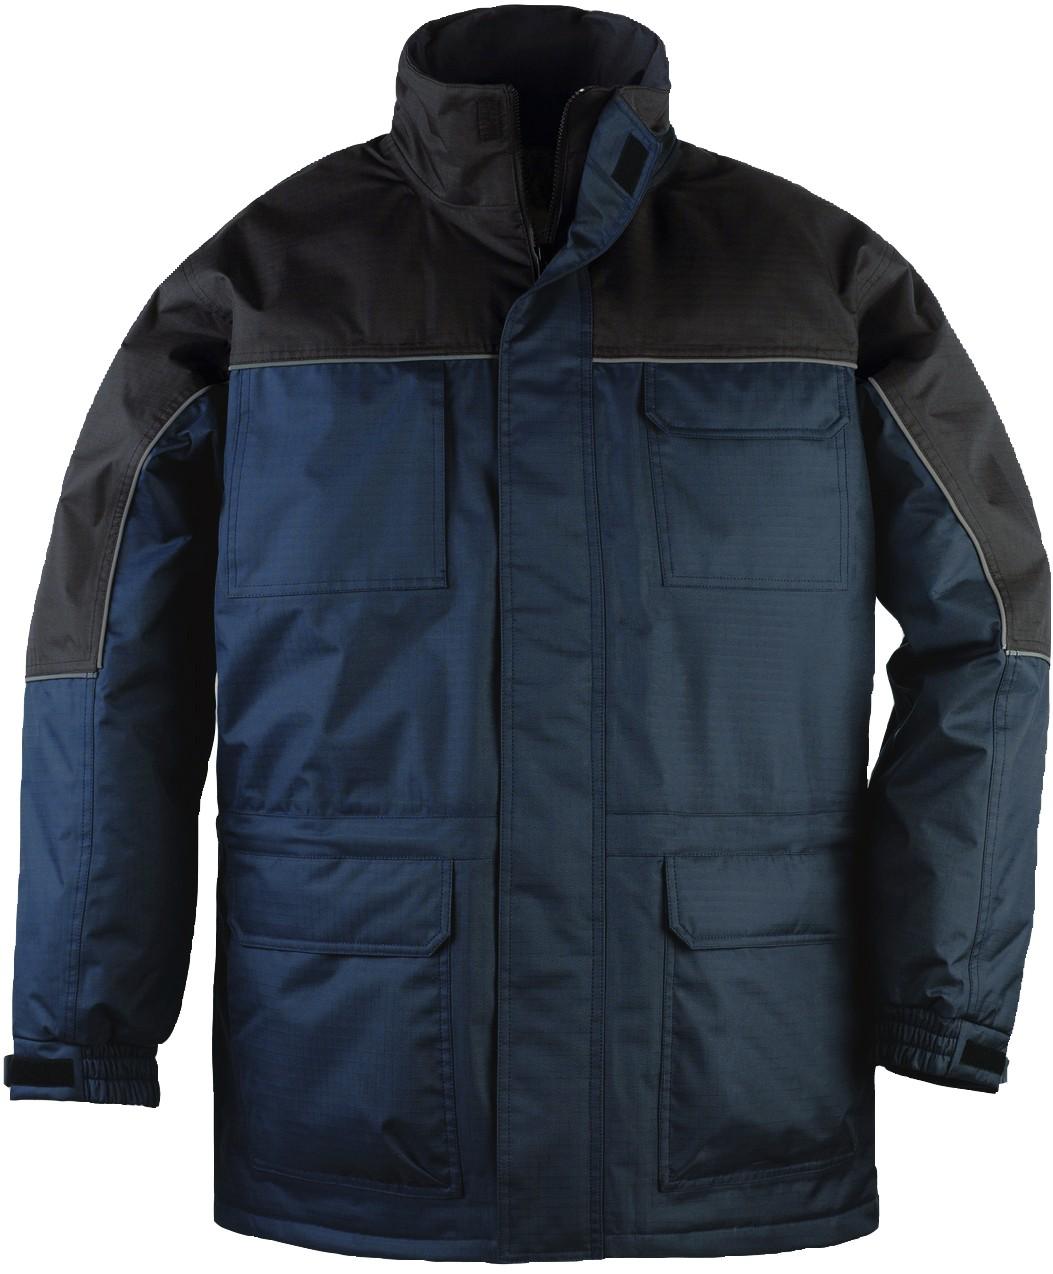 RIPSTOP kabát, szakadásbiztos anyag, polárbélés